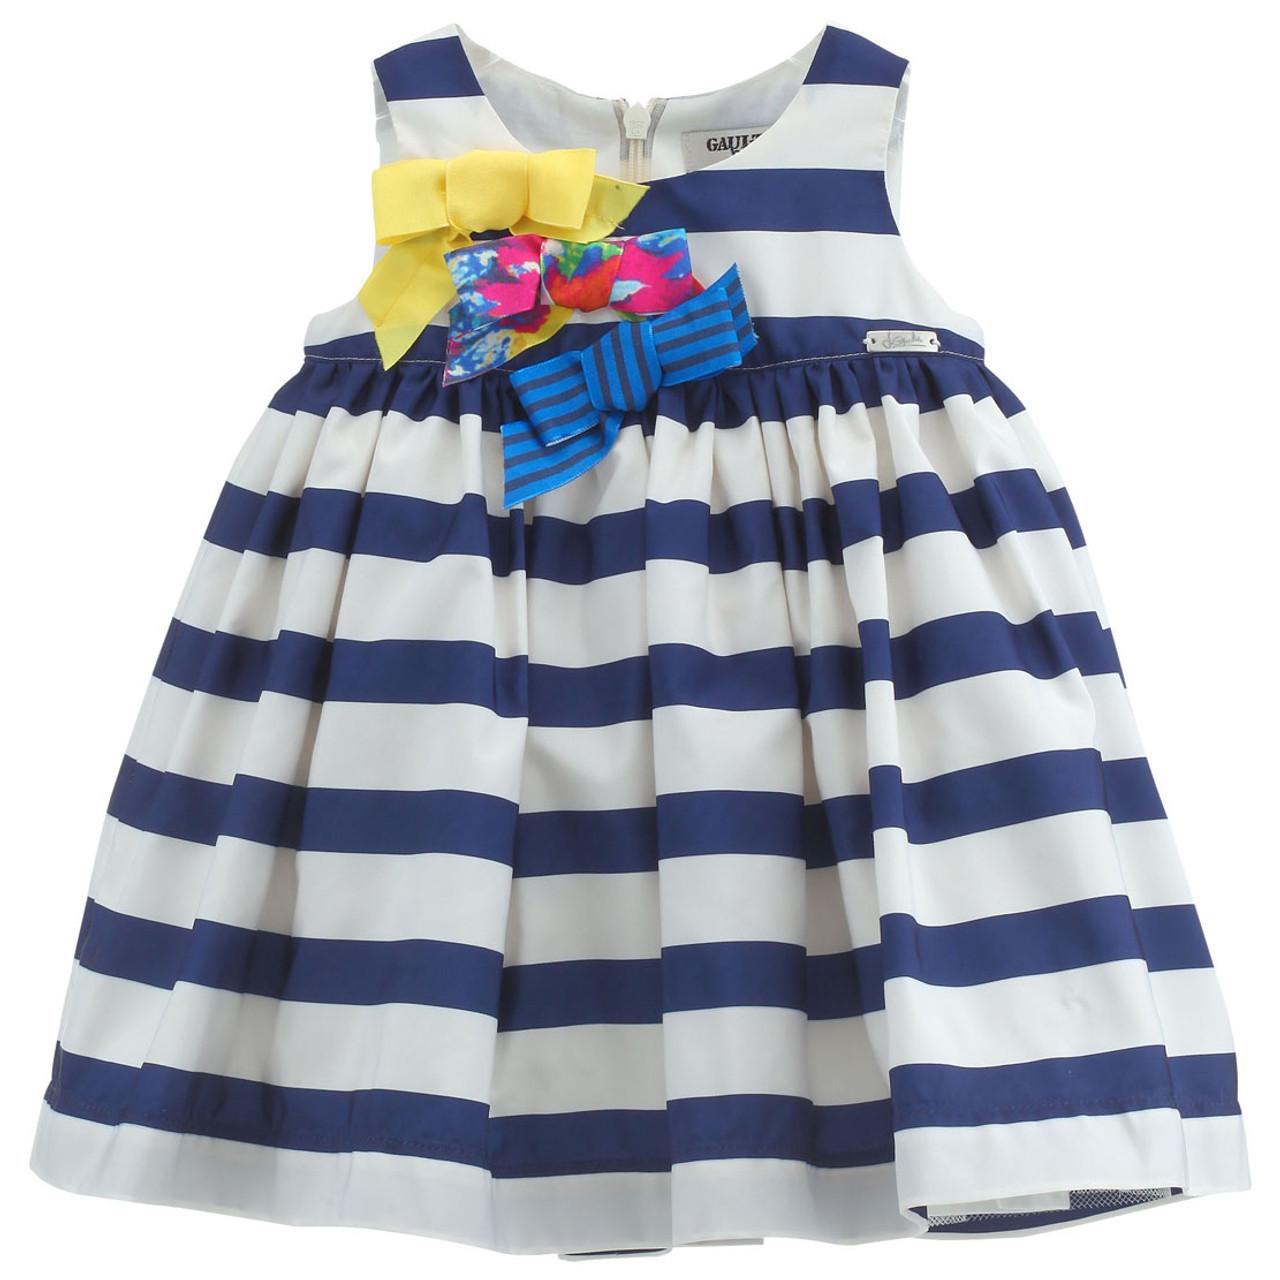 77e65682c227 Junior Gaultier Baby Dress - Le Petit Kids